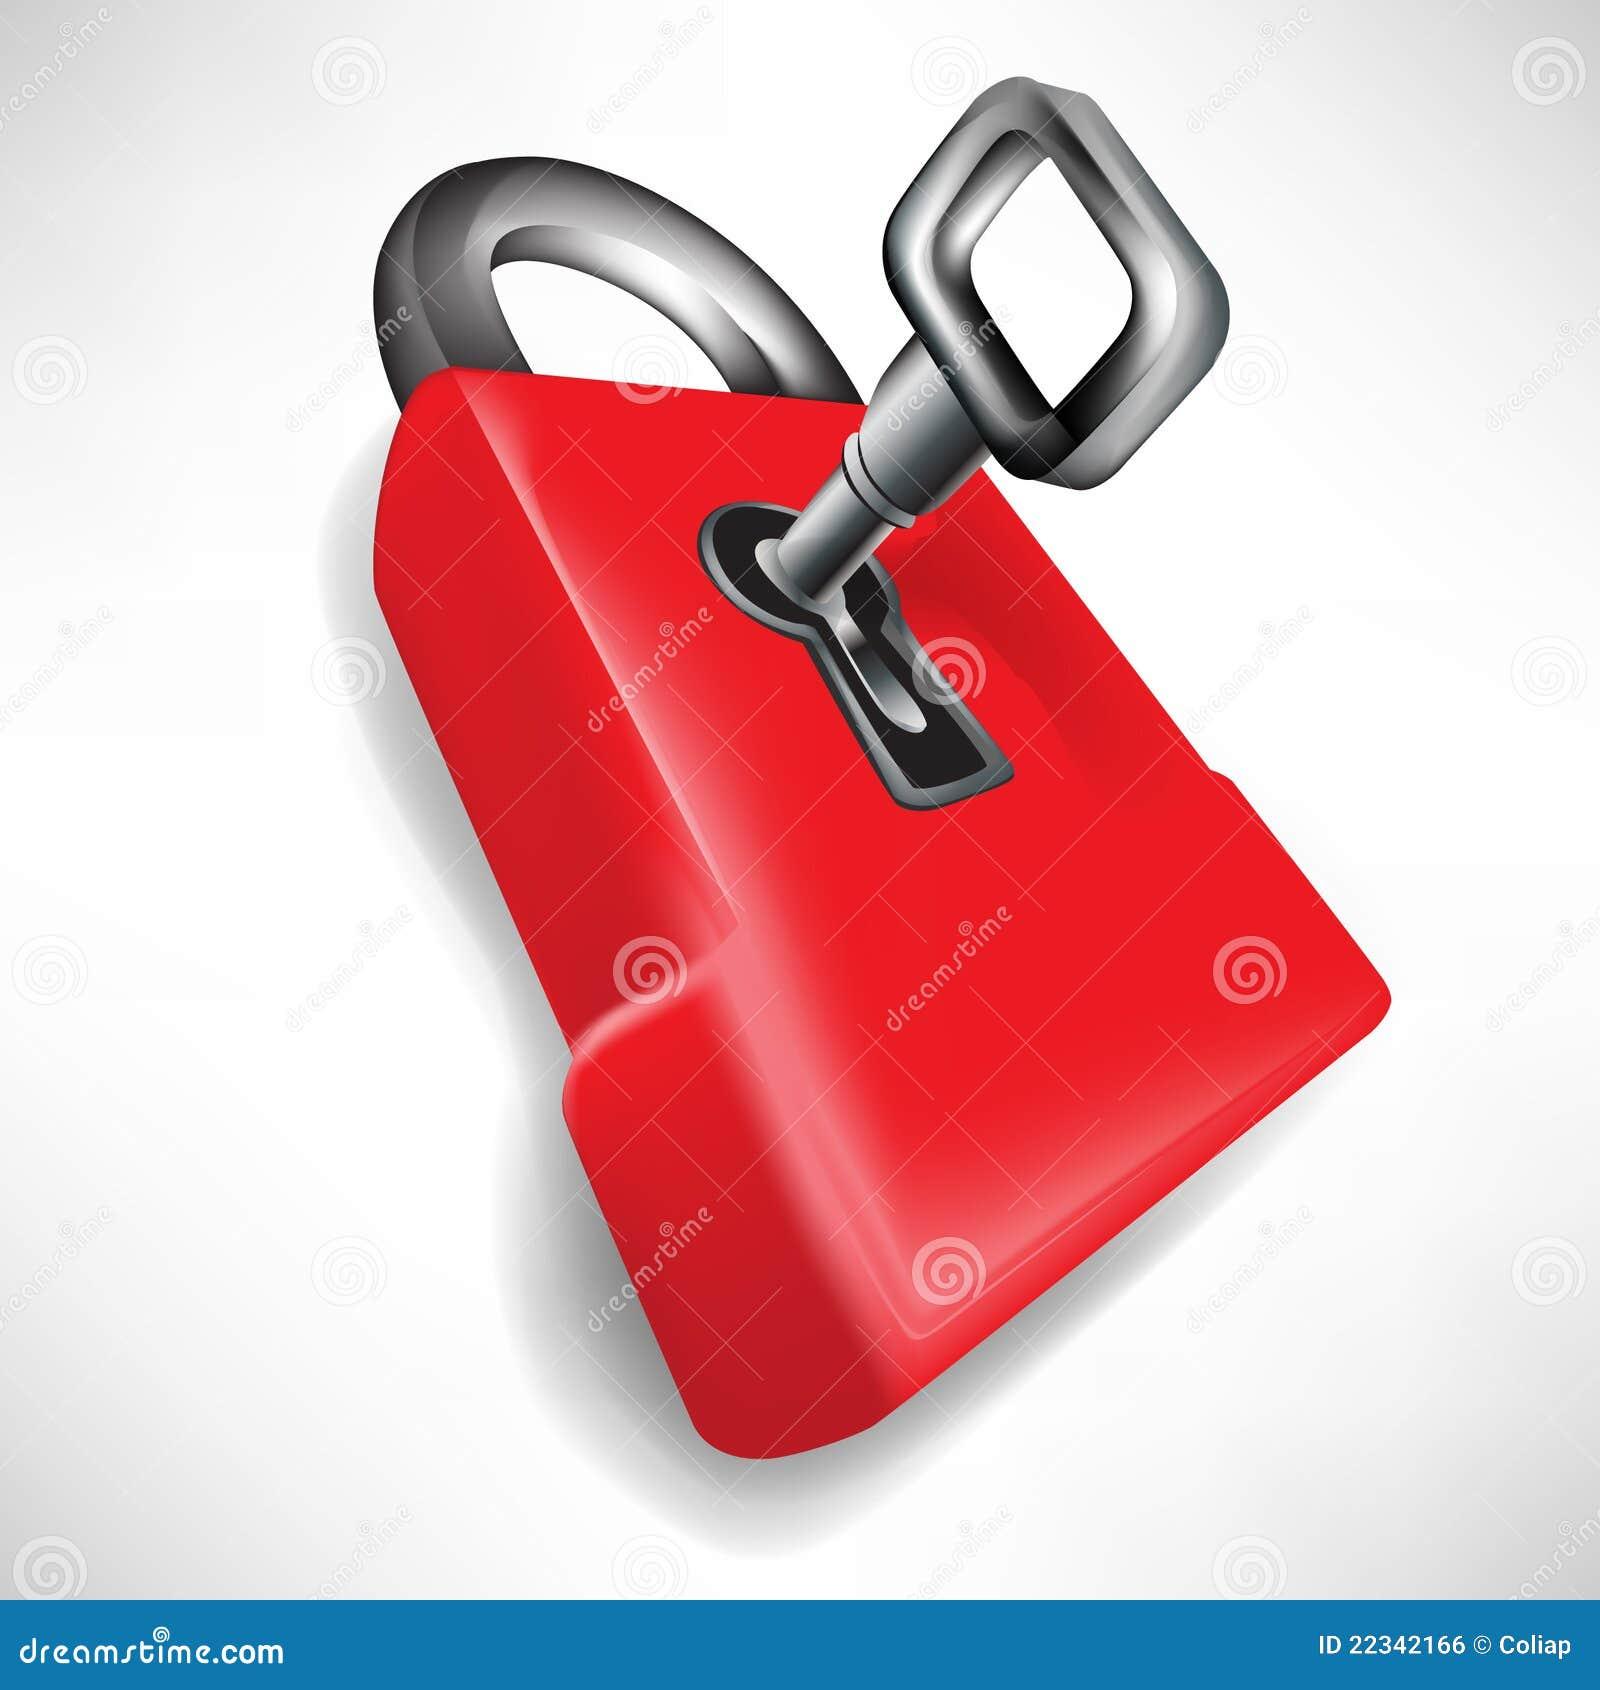 Rood slot met sleutel vector illustratie afbeelding for Ladenblok met slot